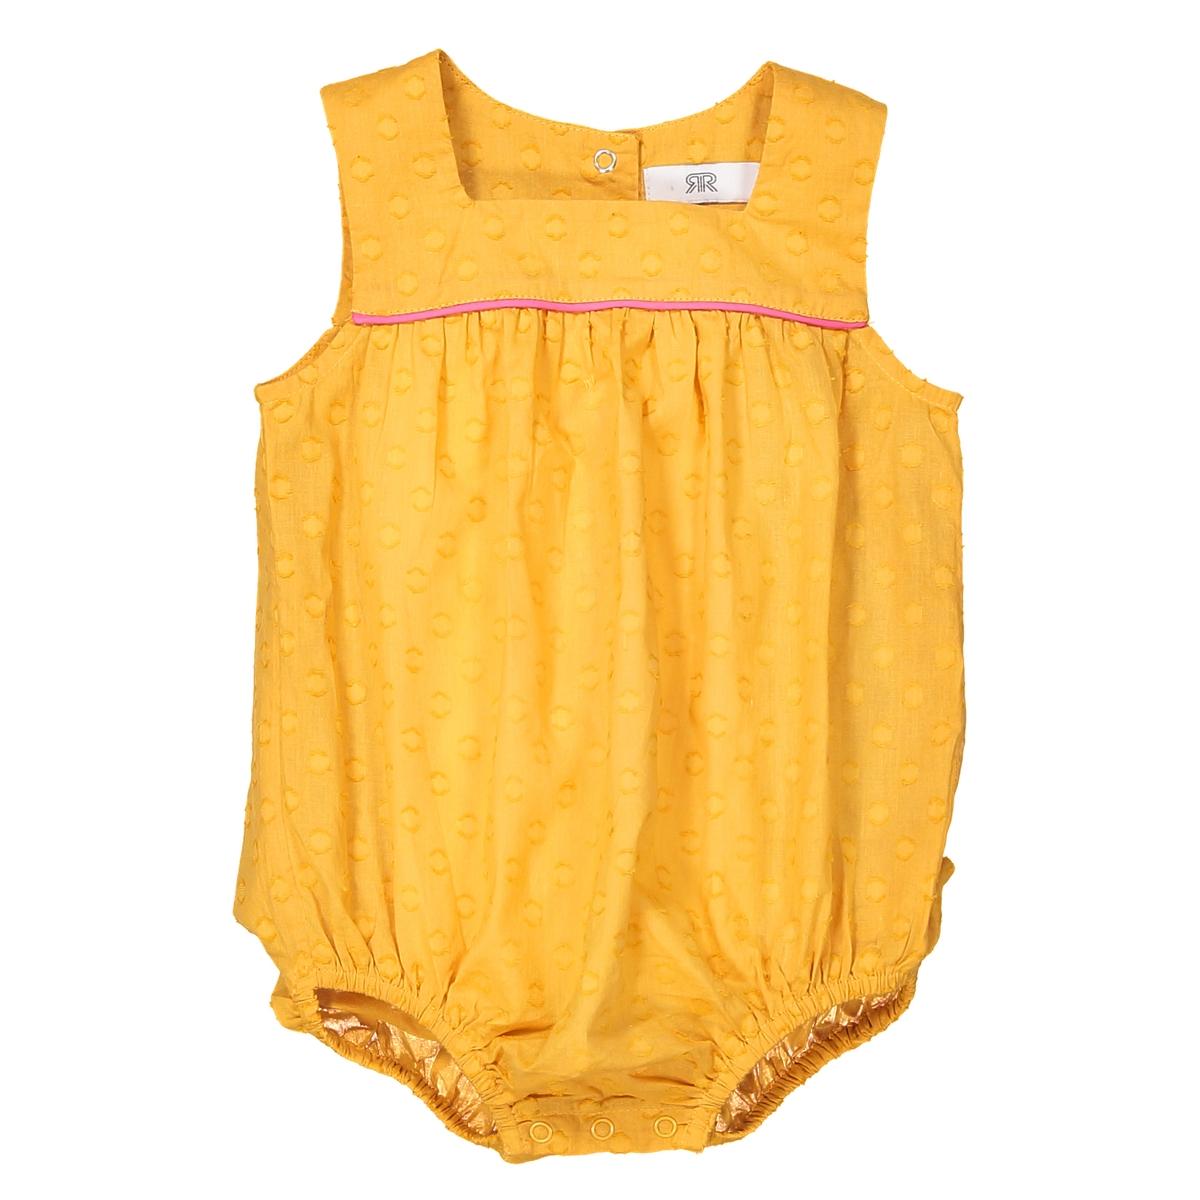 Костюм детский из вышитой гладью ткани, 1 мес. - 3 года детский костюм zara 2015 1 2 3